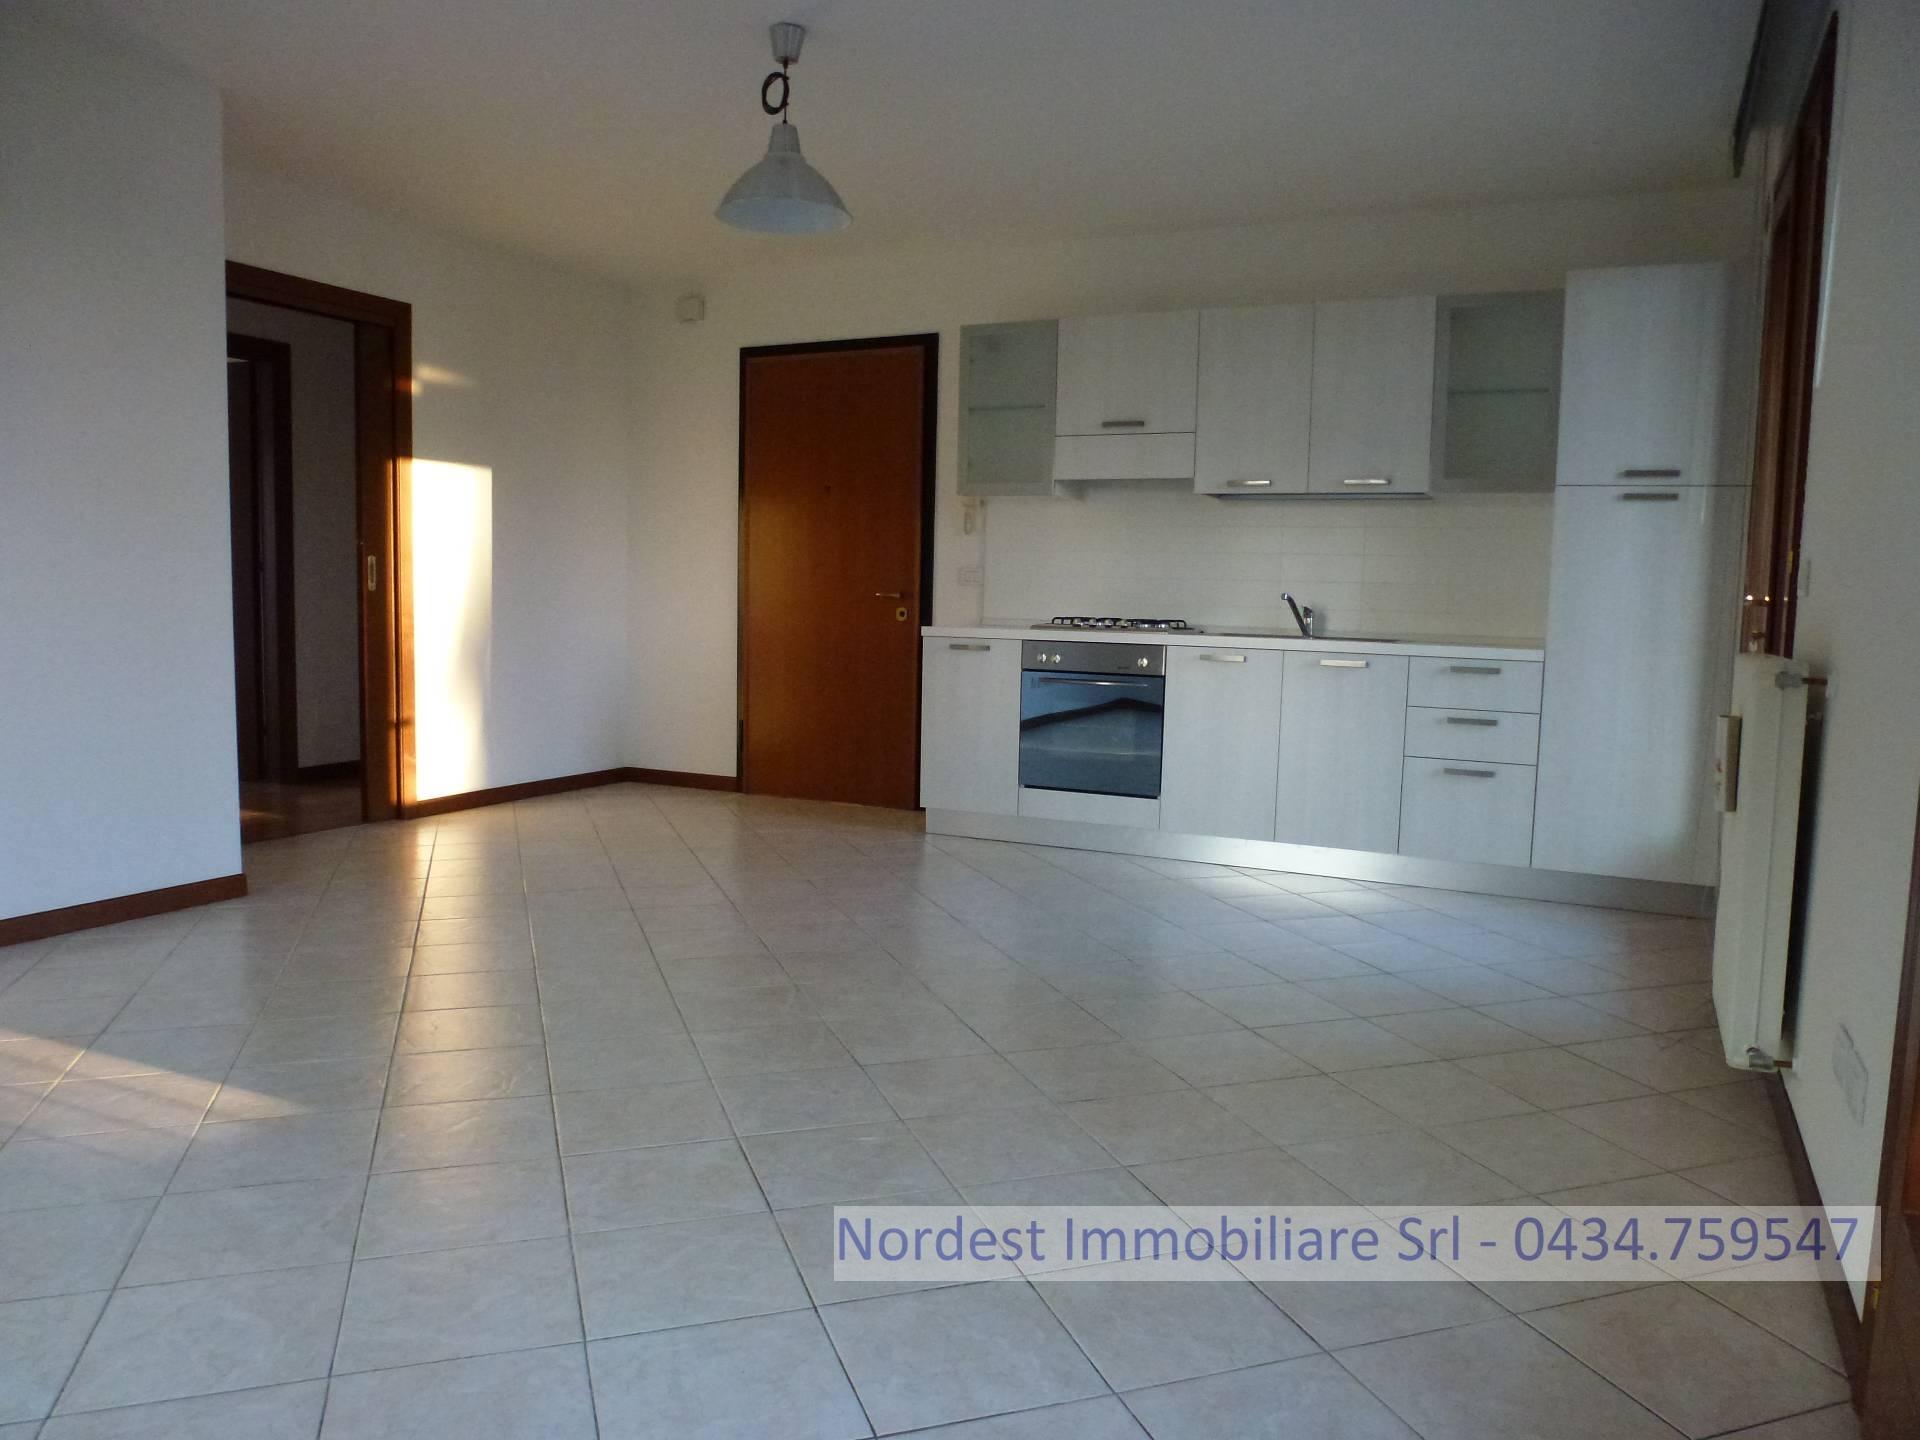 Appartamento in vendita a Brugnera, 4 locali, prezzo € 150.000 | PortaleAgenzieImmobiliari.it